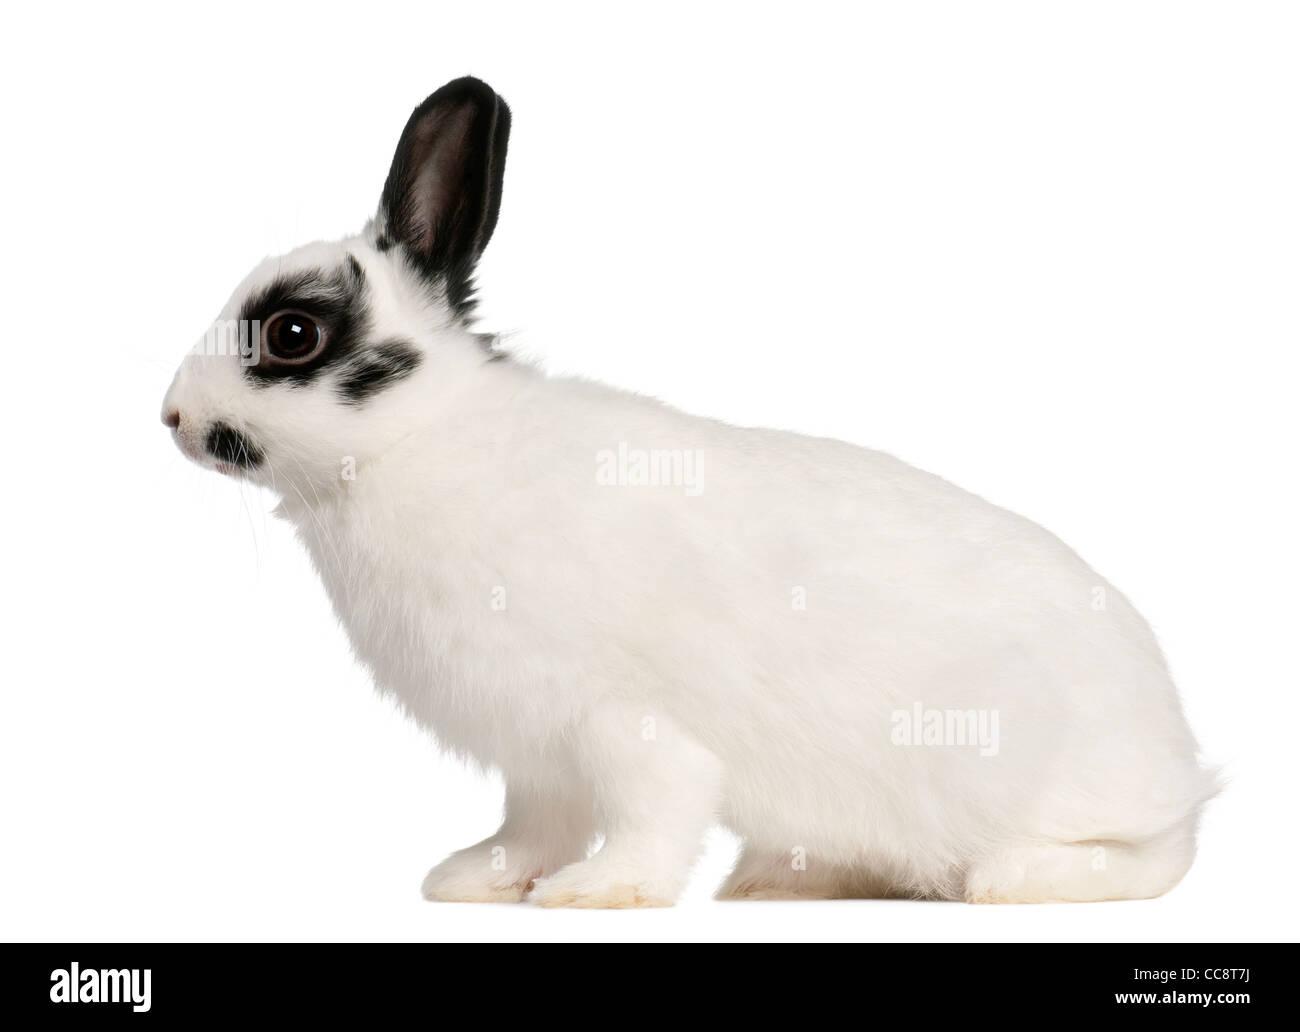 Dálmata de 2 meses de edad, conejo, Oryctolagus cuniculus, sentado delante de un fondo blanco Imagen De Stock